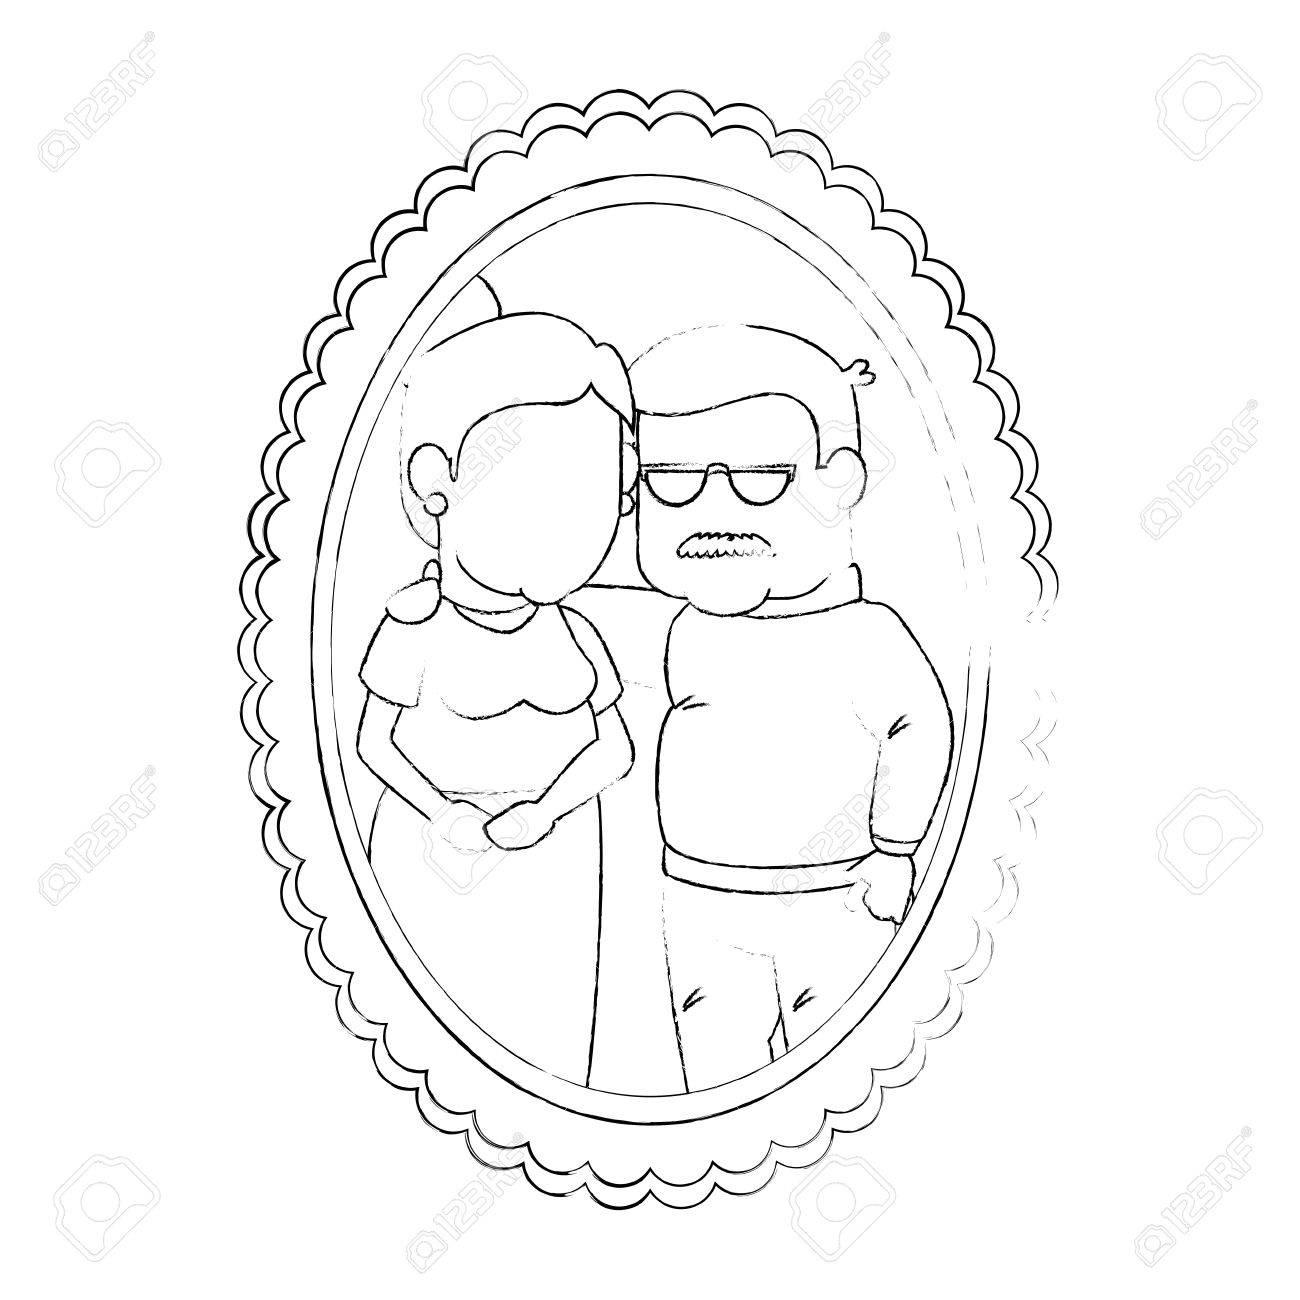 Rahmen Mit Cartoon Paar Großeltern Bildsymbol Auf Weißem Hintergrund ...